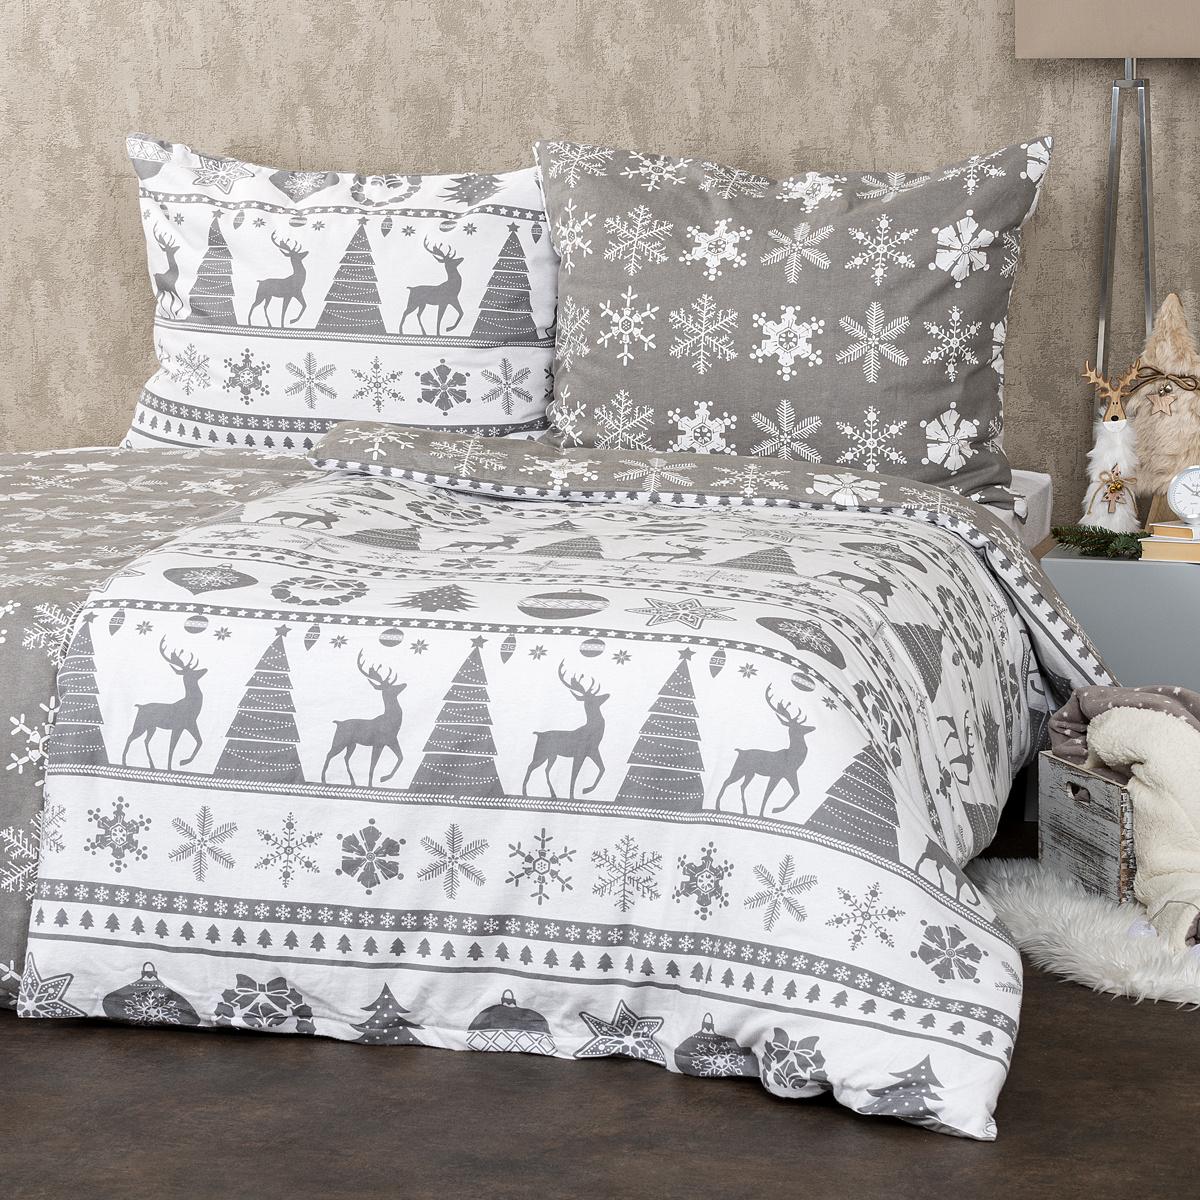 Zľava  4Home Flanelové obliečky Christmas Time sivá, 160 x 200 cm, 70 x 80 cm